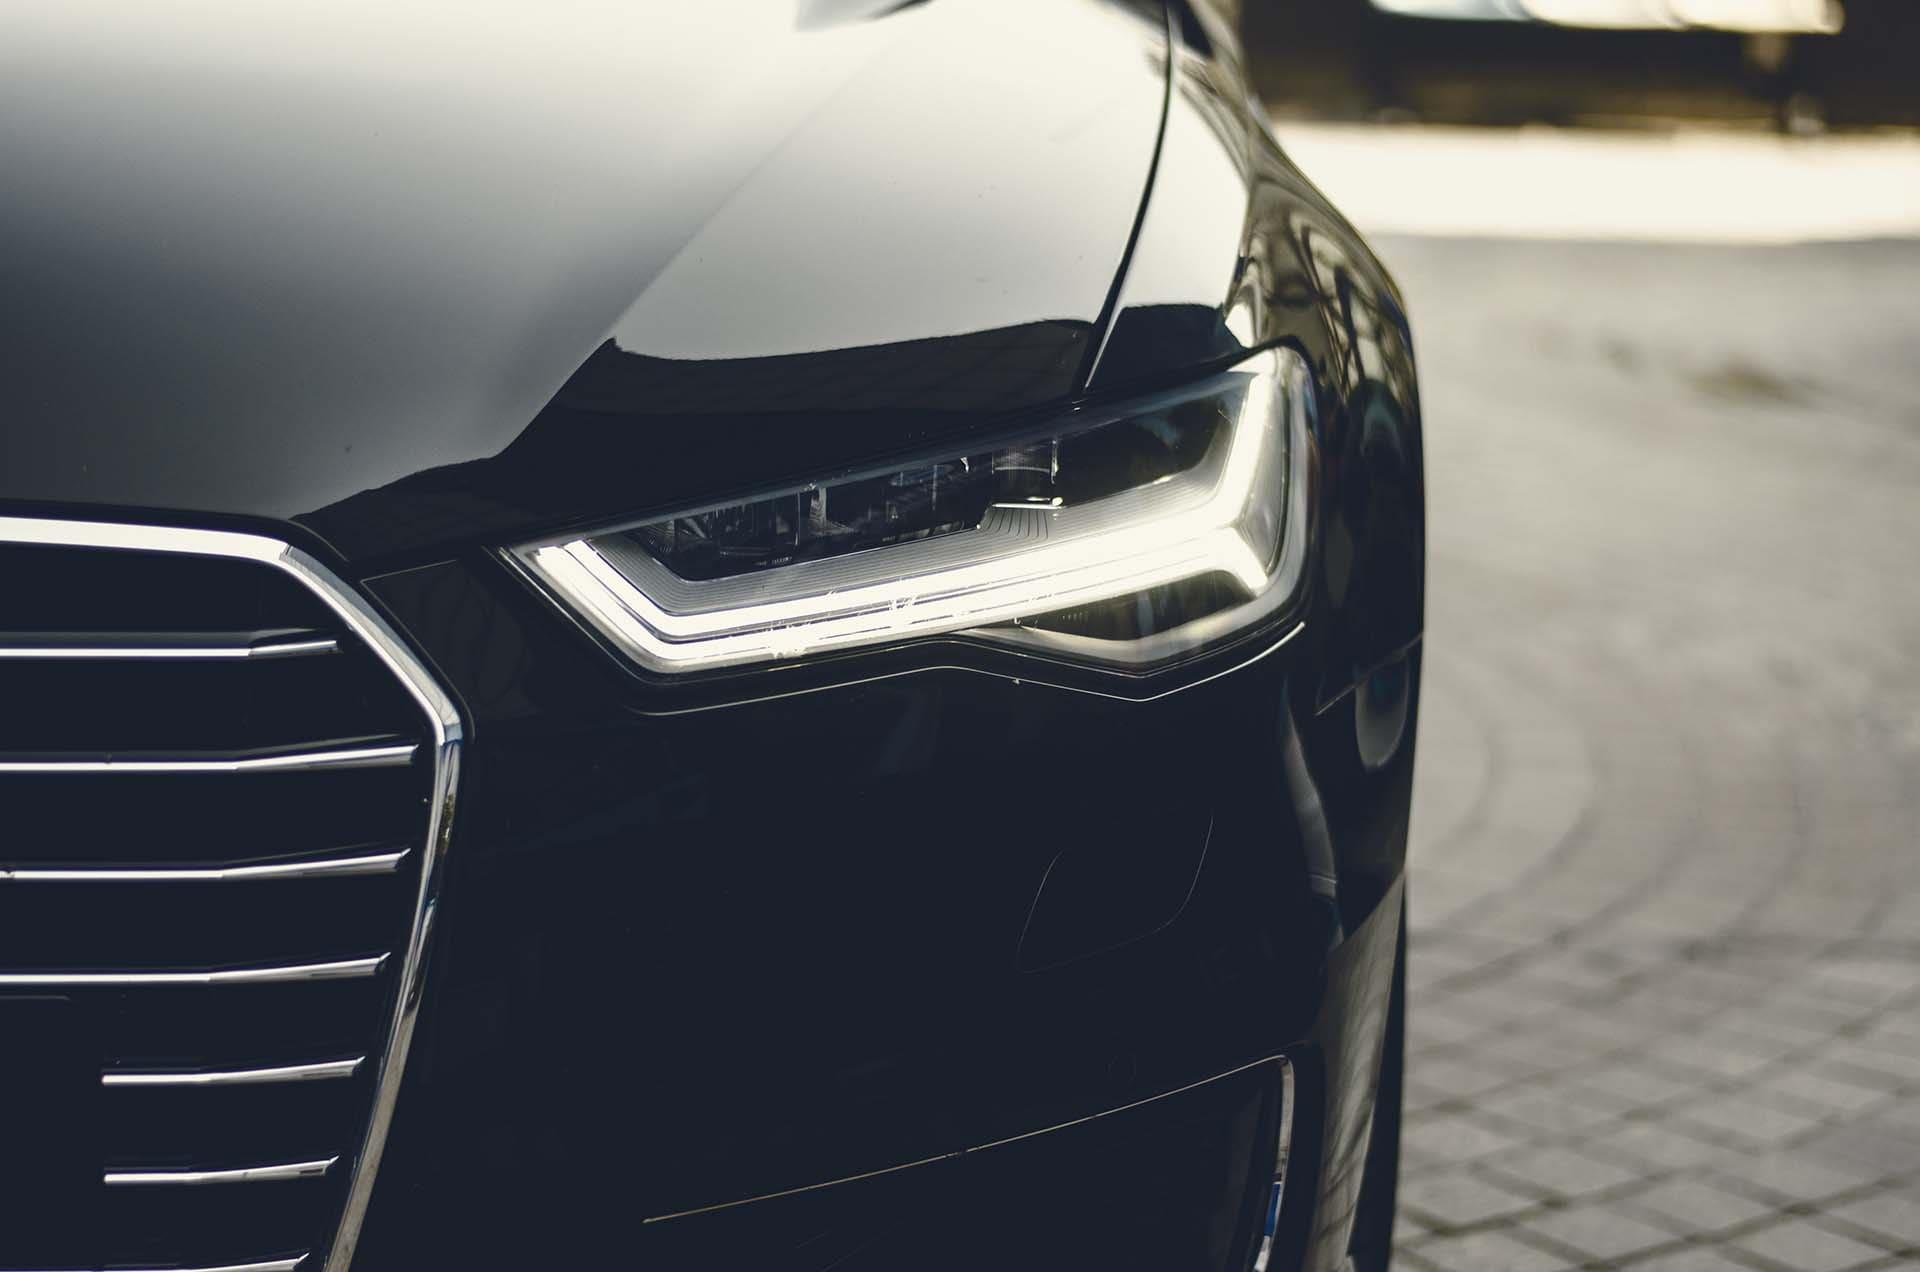 Actualité Audi - Photo d'illustration 25 ans de l'Audi A4 : retour sur une success story